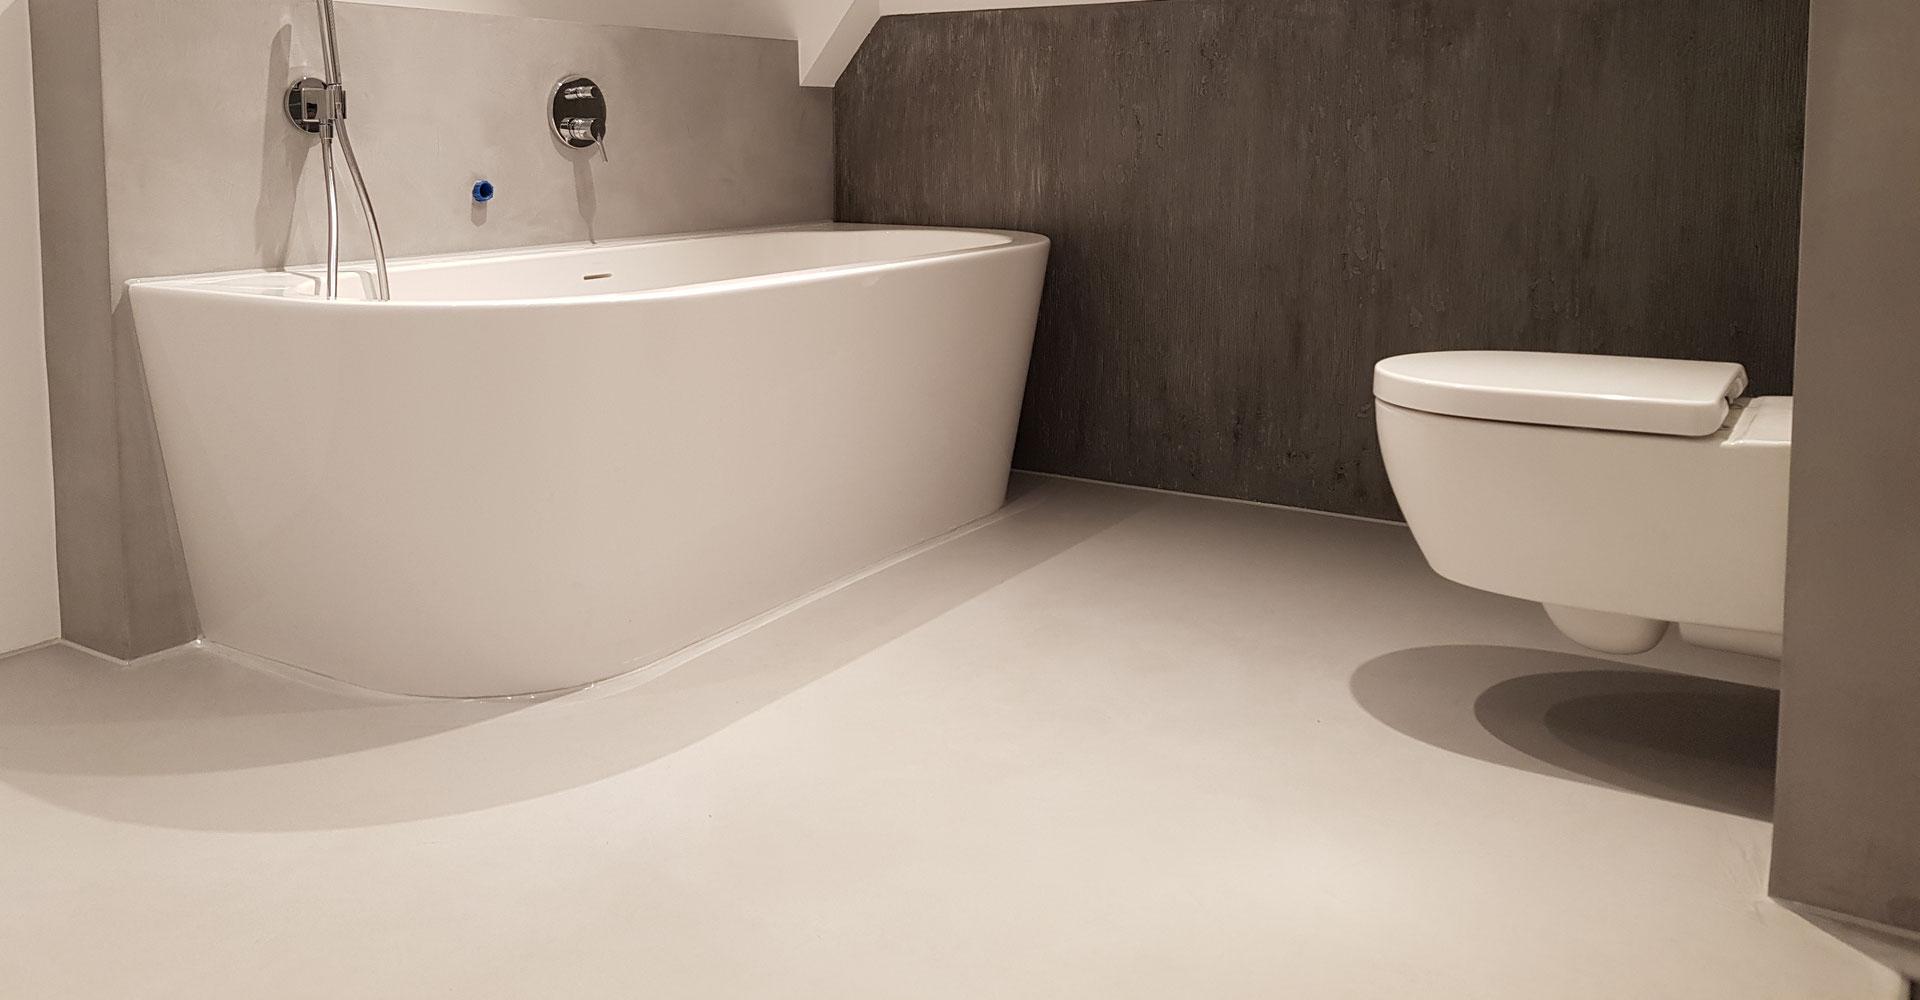 Gietvloer stunter badkamer